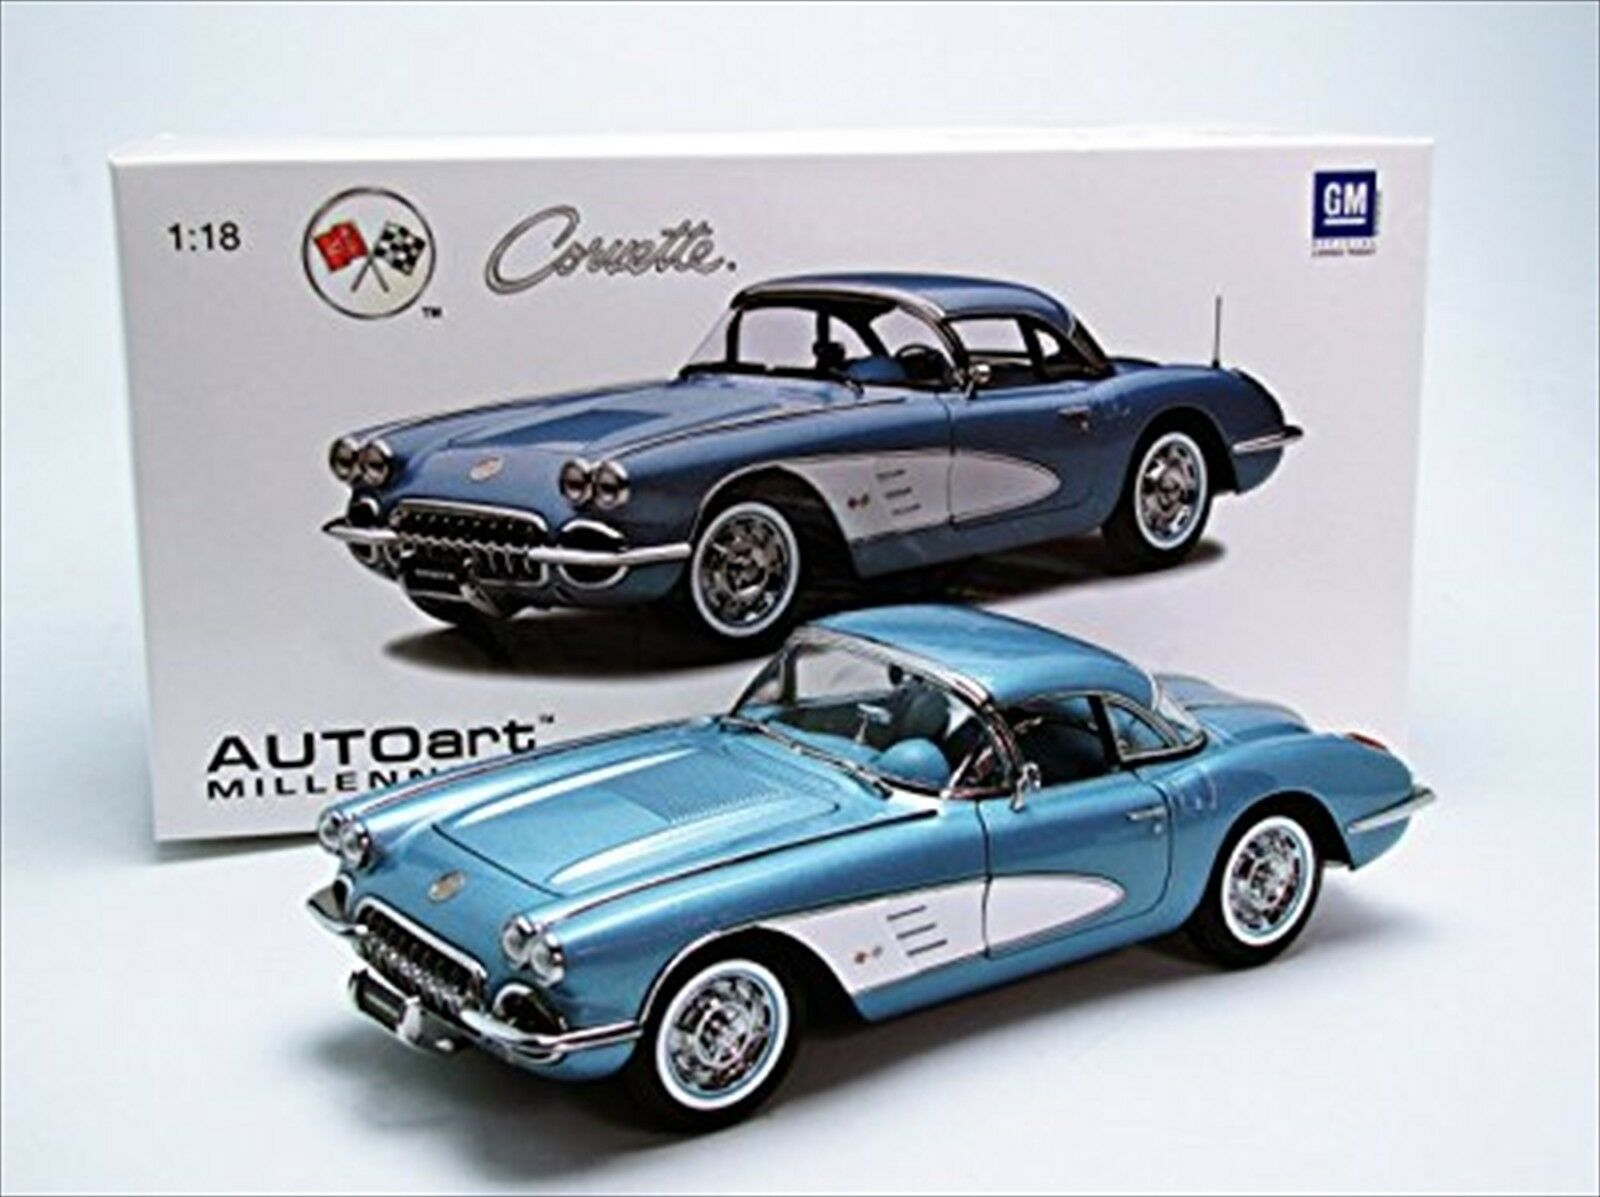 AUTOart 1 18 CHEVROLET Corvette 1958 (Argent Bleu) produit fini 71146 nouveau